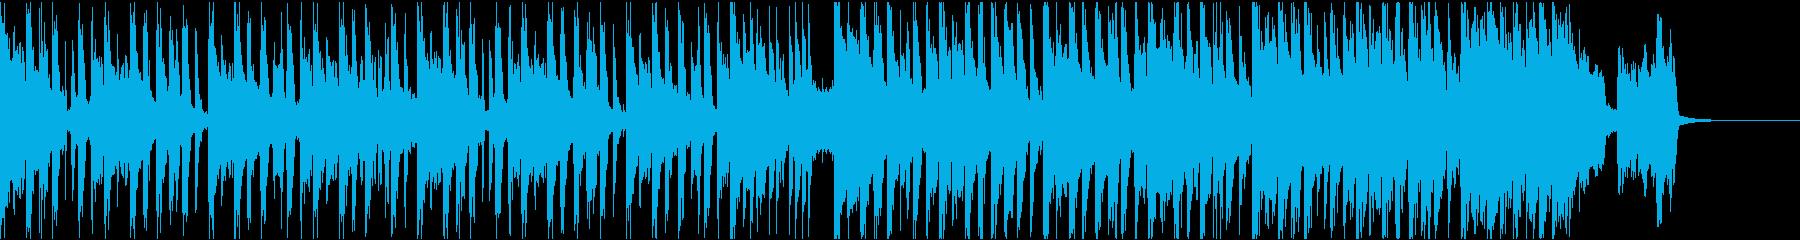 シンプルなベースハウスのジングルの再生済みの波形